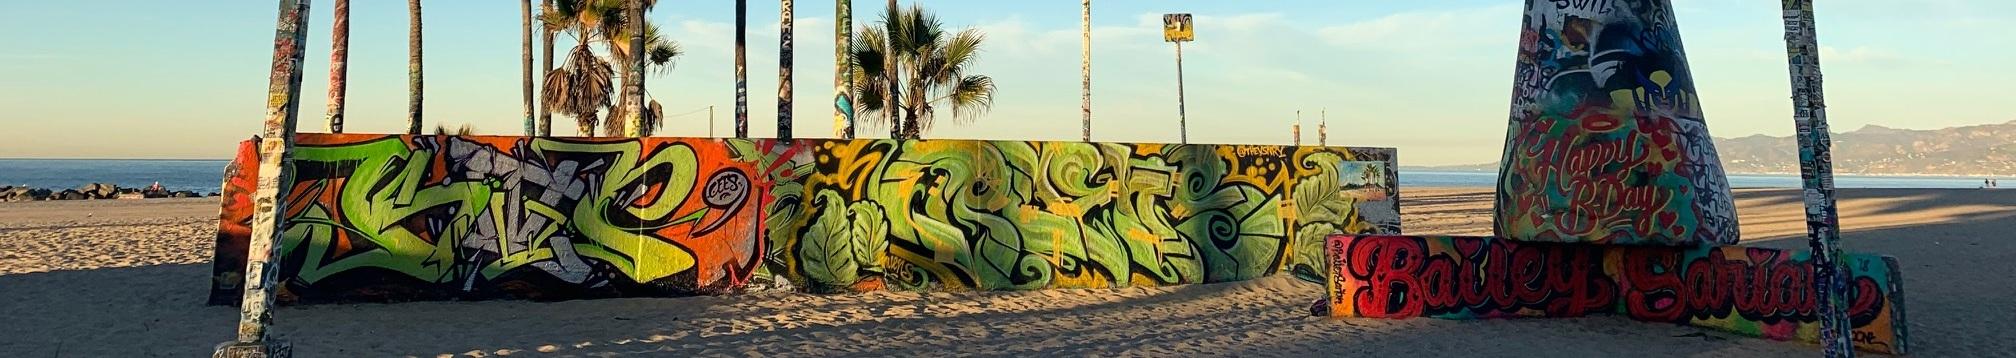 Venice graffiti walls